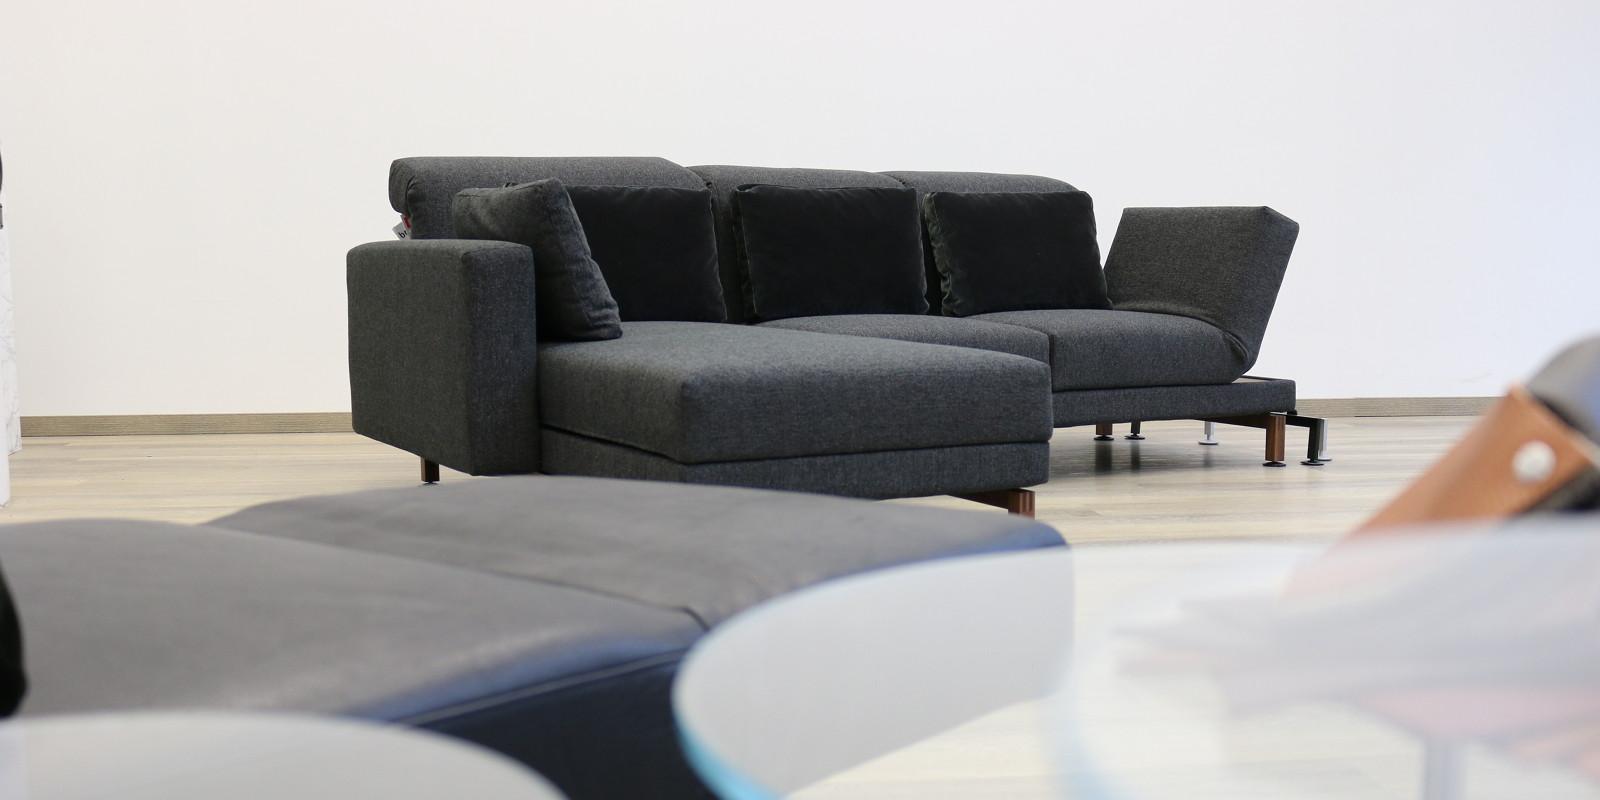 Sofabed Ausstellung Mannheim